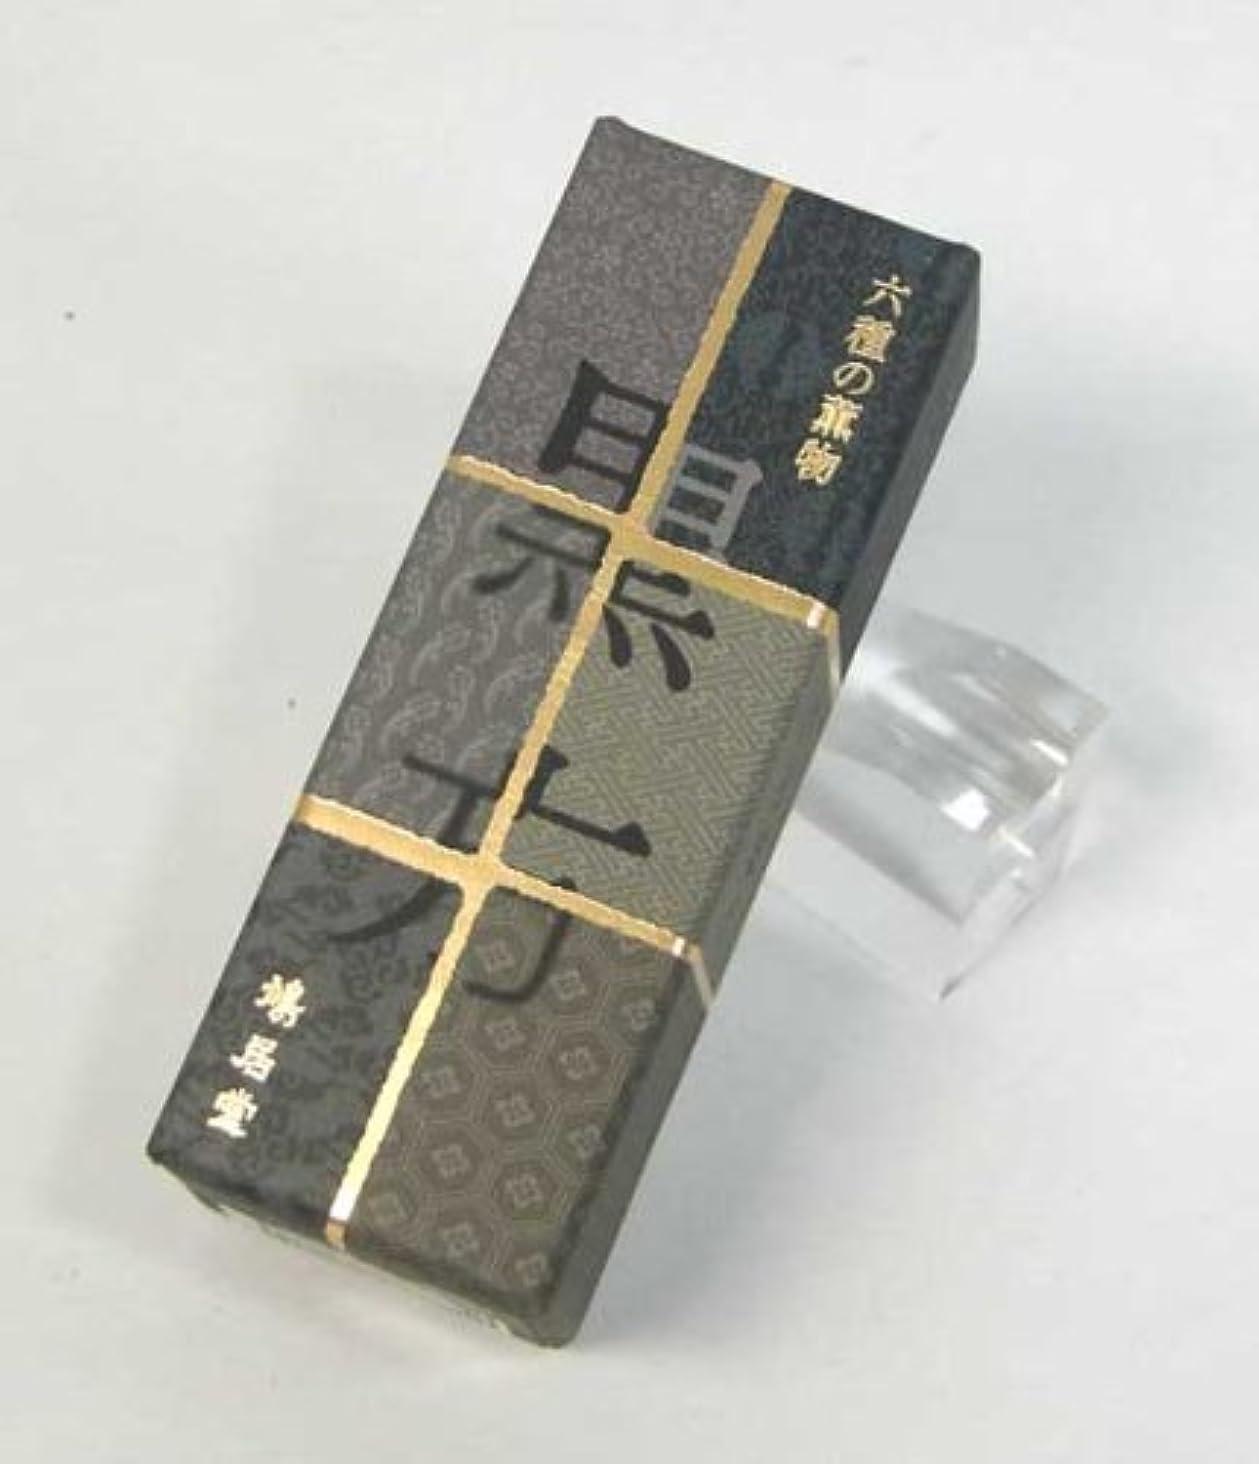 ケージ視力ダイアクリティカル鳩居堂 お香 黒方(くろぼう) 六種の薫物(むくさのたきもの)シリーズ スティックタイプ(棒状香)20本いり